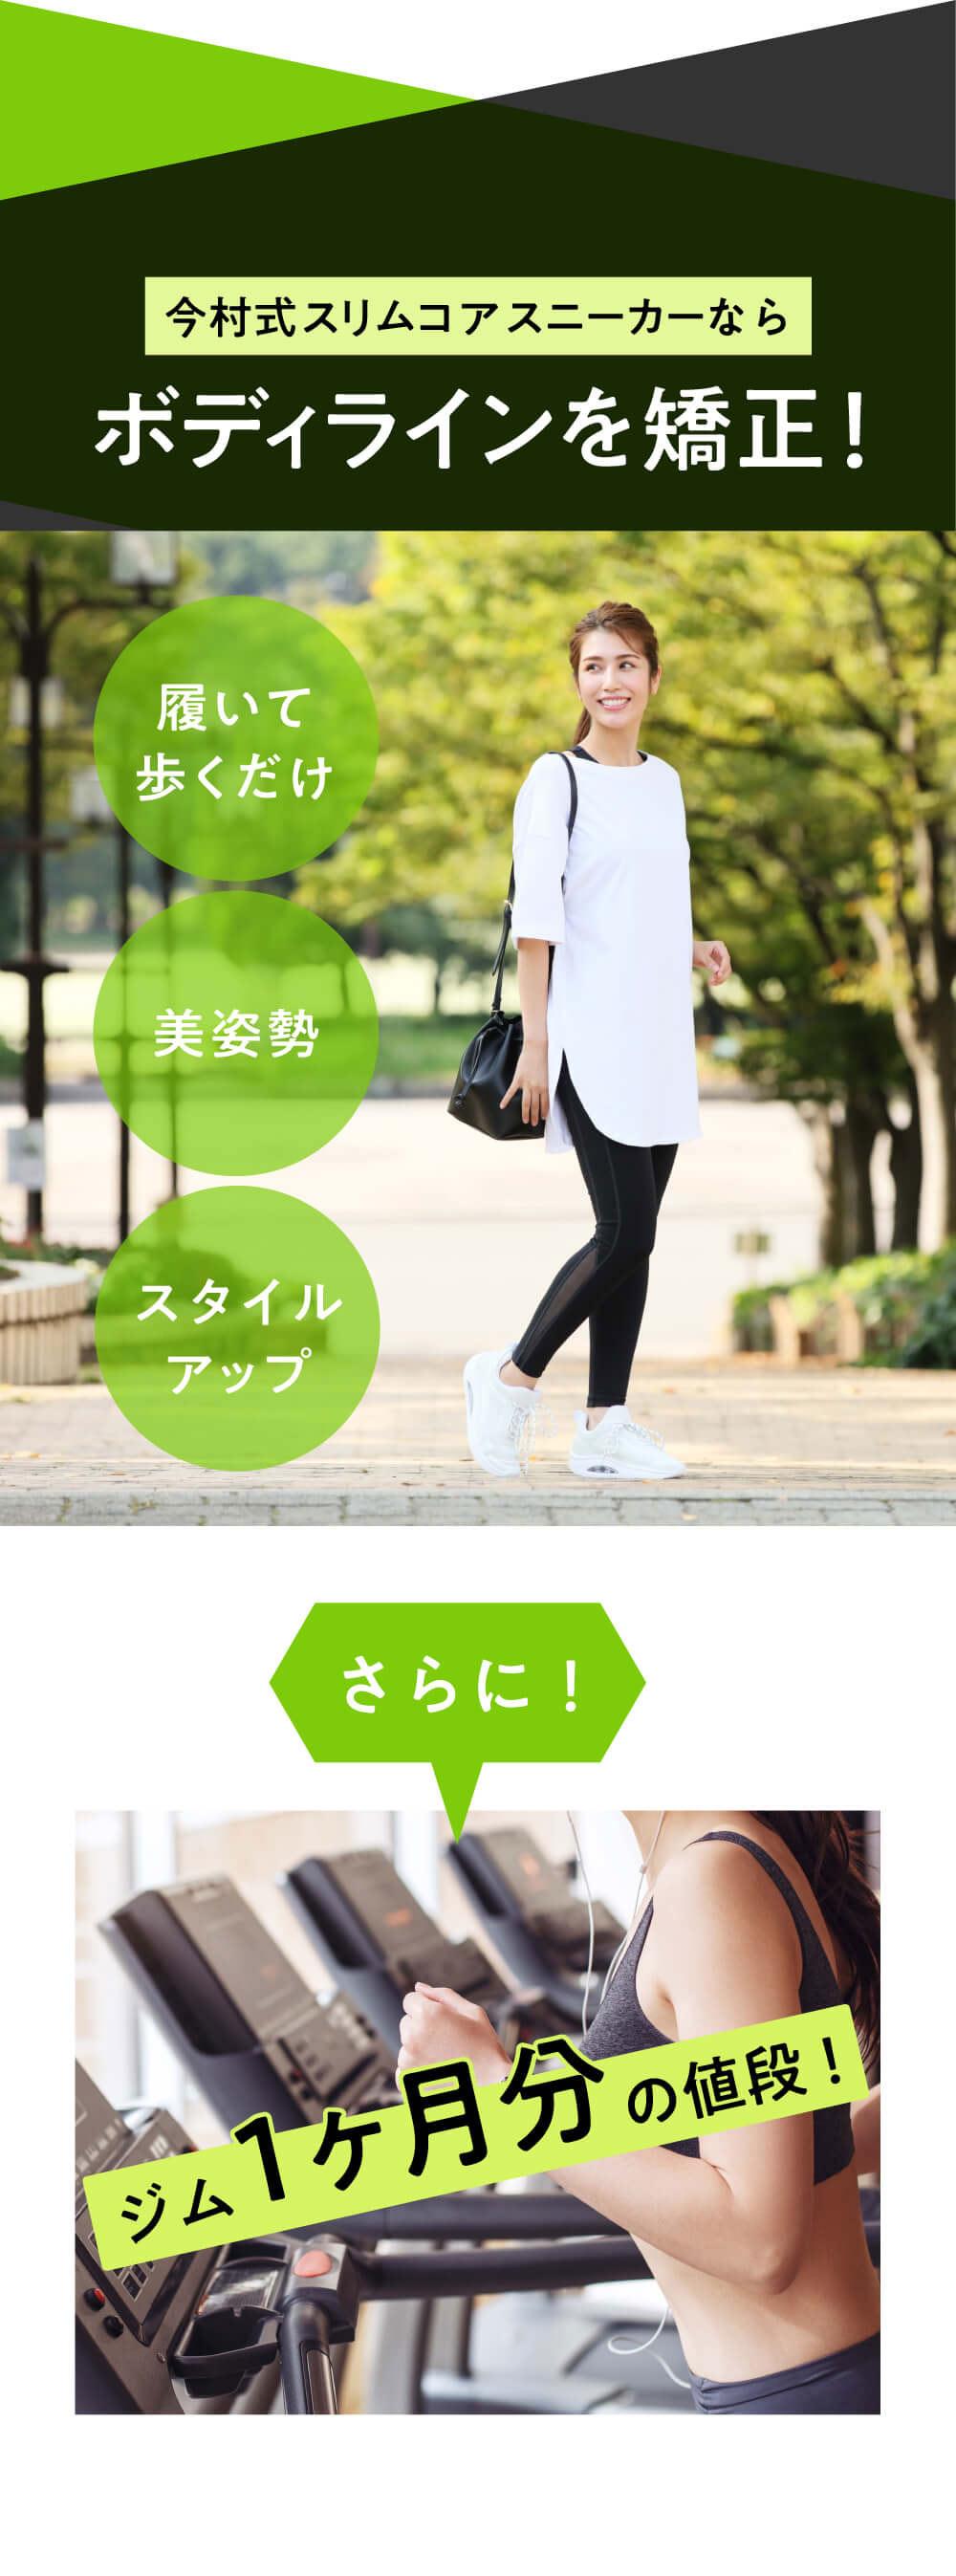 履いて歩くだけでボディラインを矯正。さらにジム1か月分の値段!